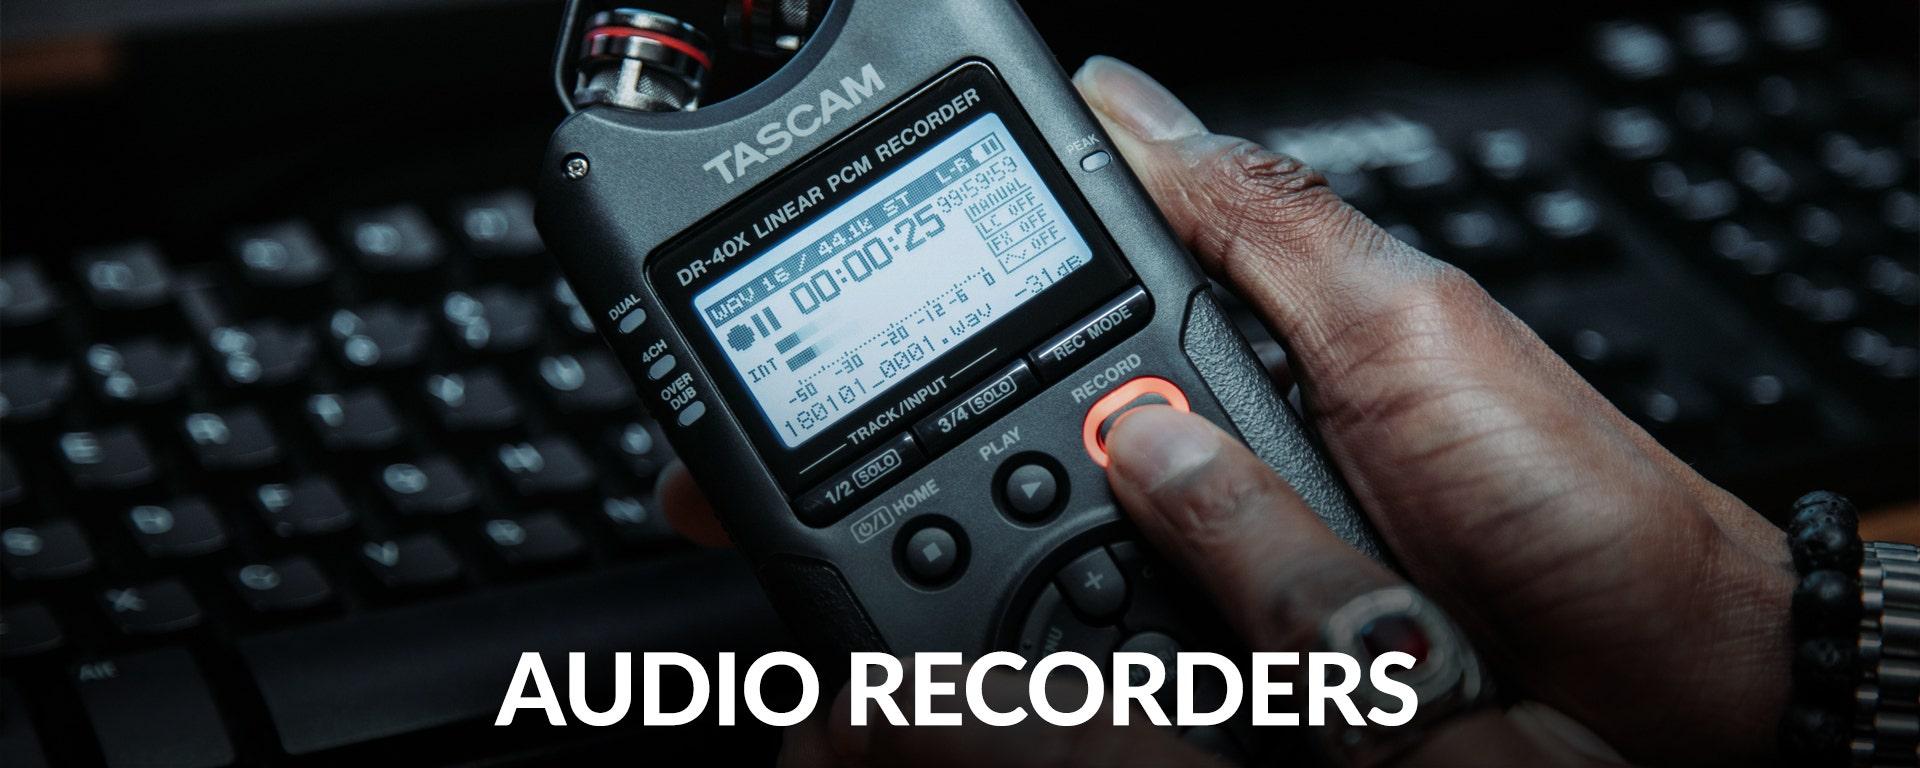 Shop Audio Recorders at SamAsh.com